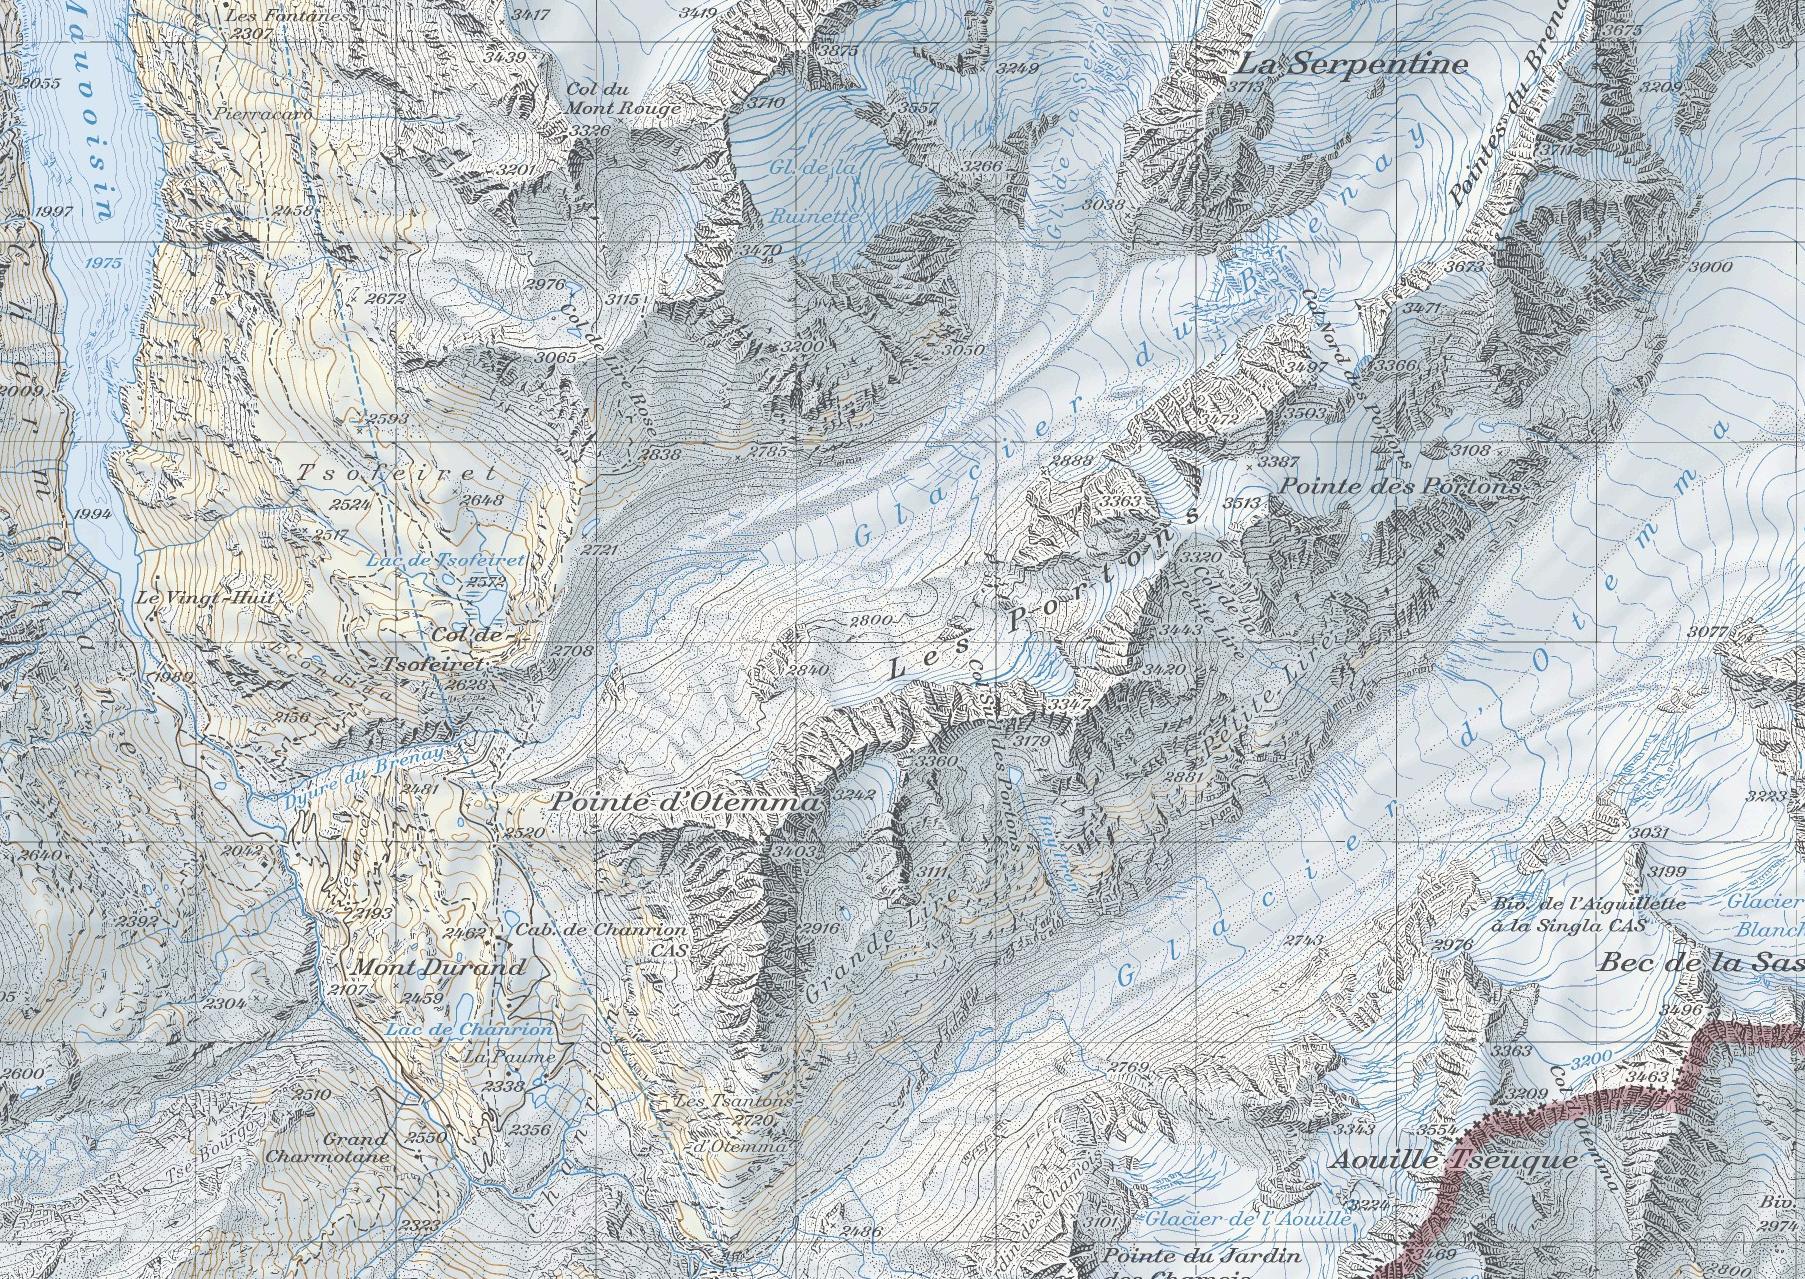 карта перевал Crete Seche, хижина Chanrion скачать